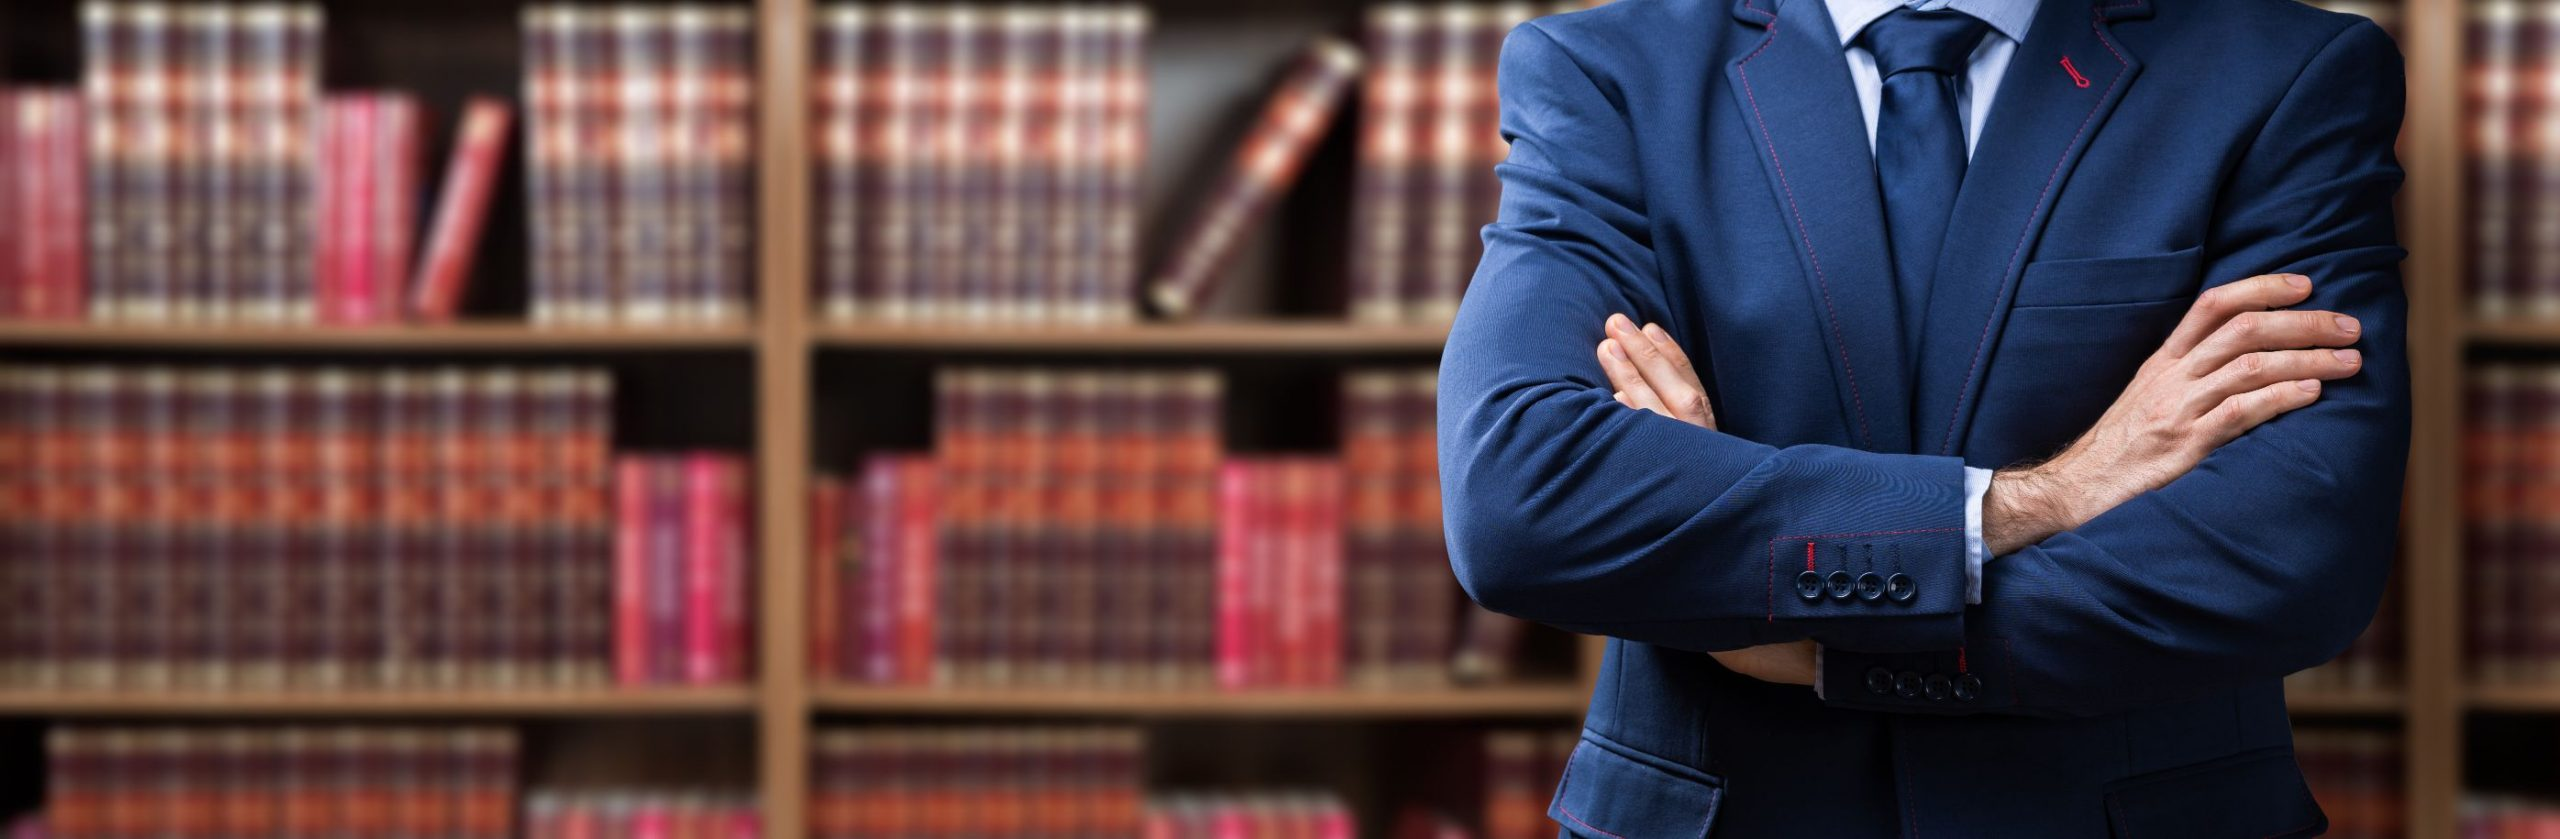 planificateur financier legal